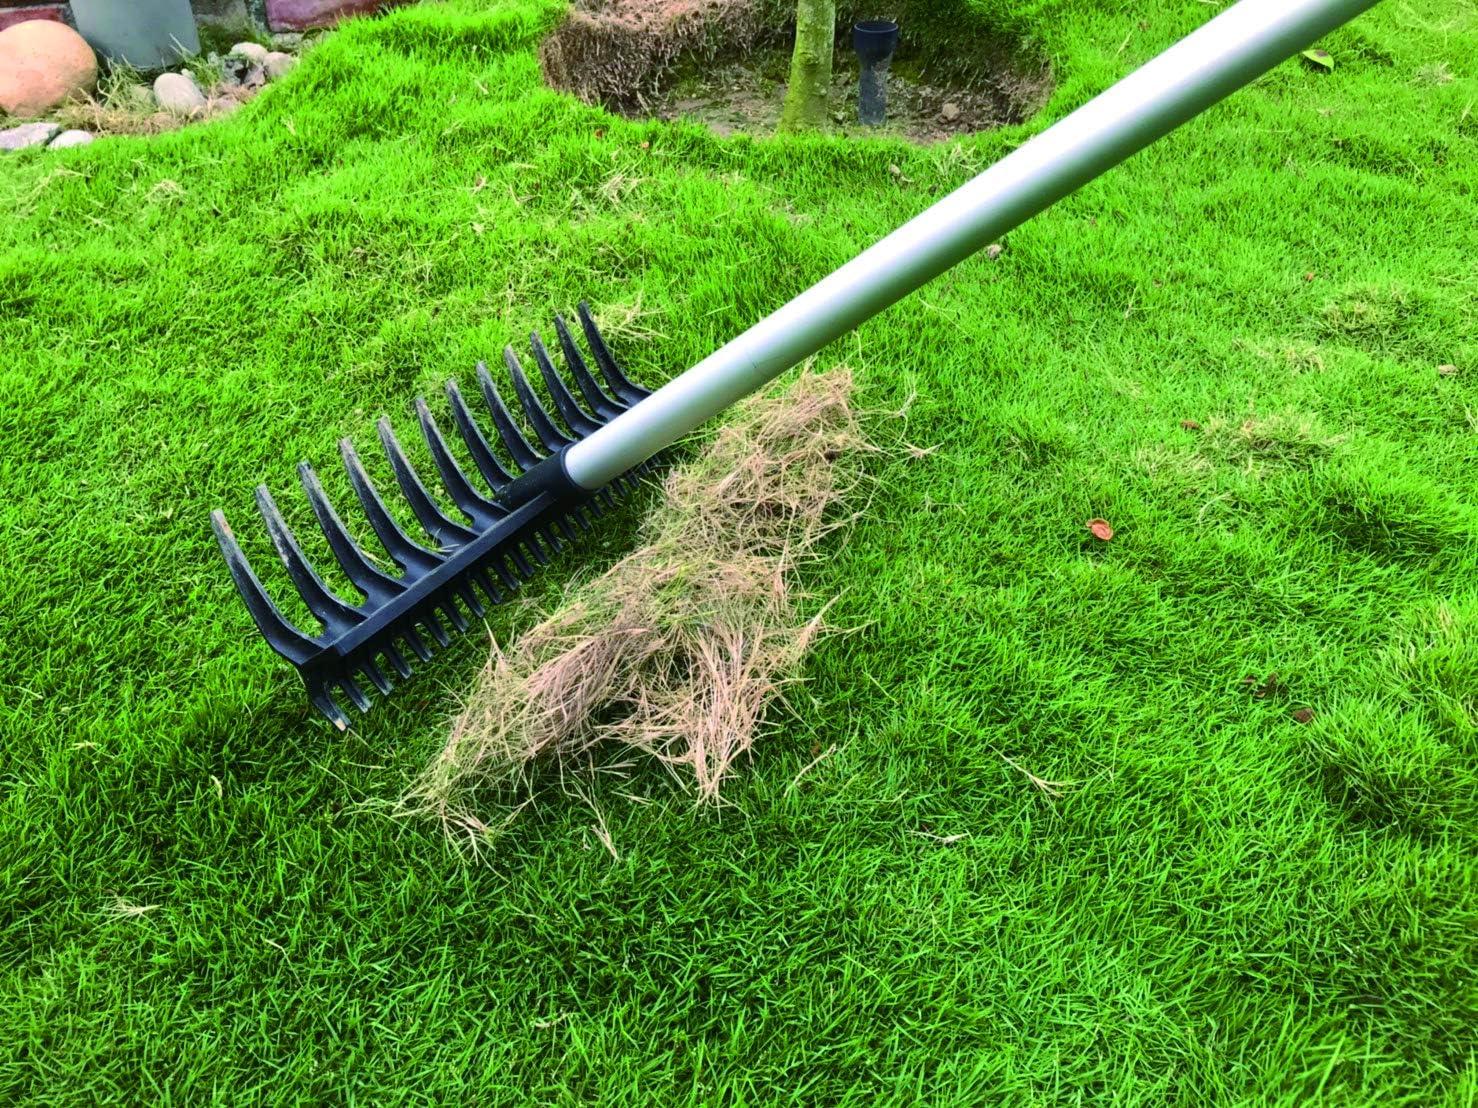 Rasenrechen Kunststoff zu 100/% Recycled I Harke mit feiner und grober Seite I Laubrechen geniales Gartenwerkzeug kann beides FairFox 2-in-1 Rechen 16 Zinken mit Teleskopgriff I Umweltfreundlich